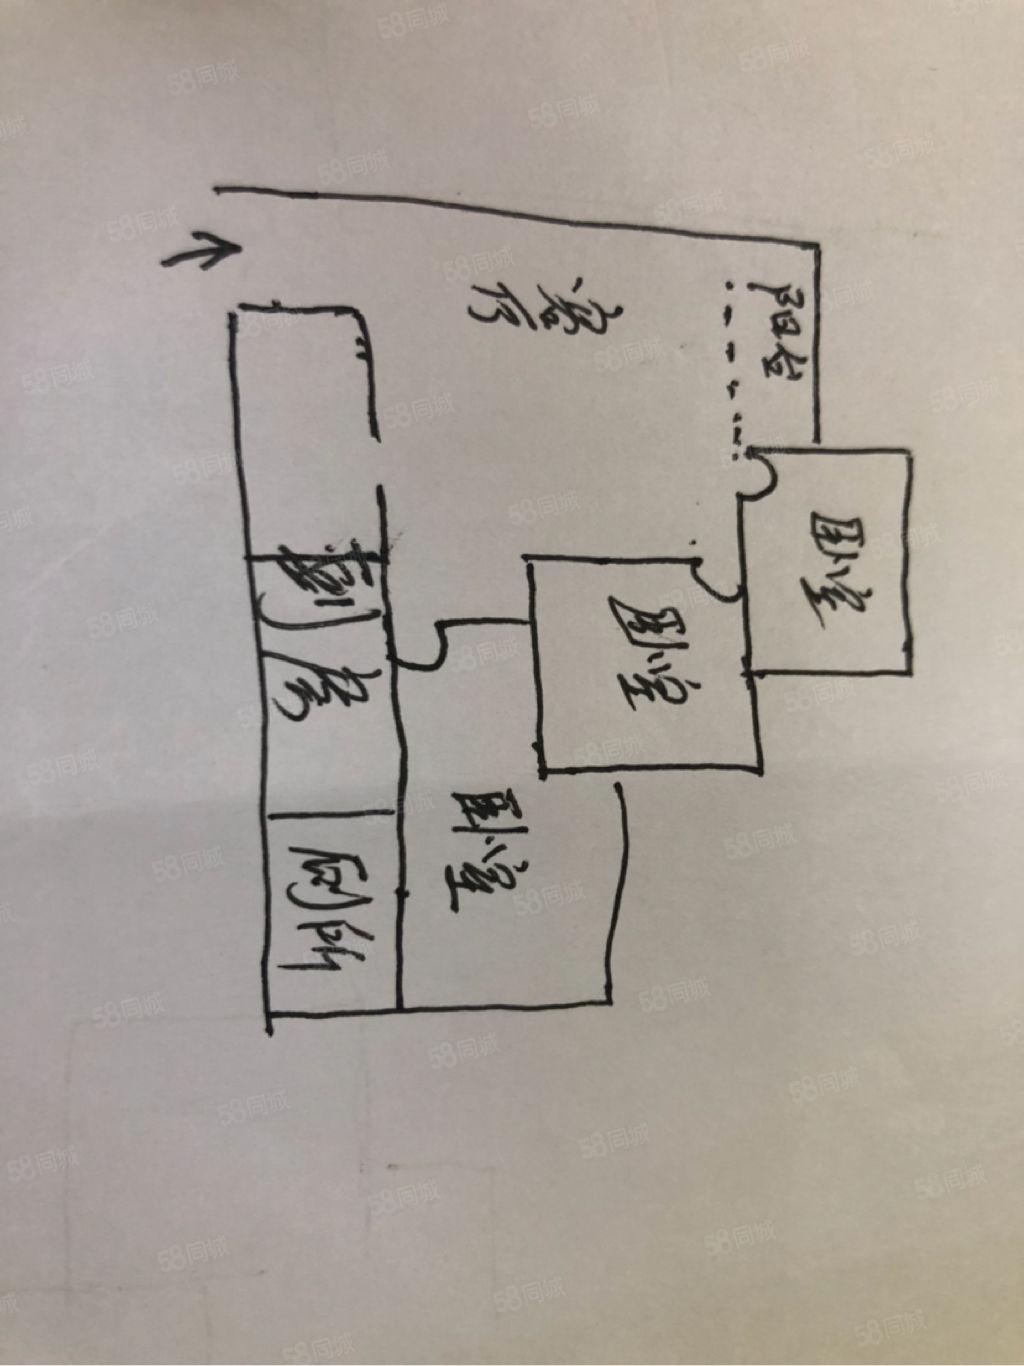 温泉城电梯精装3室2厅读城7校16中环境好52.8万